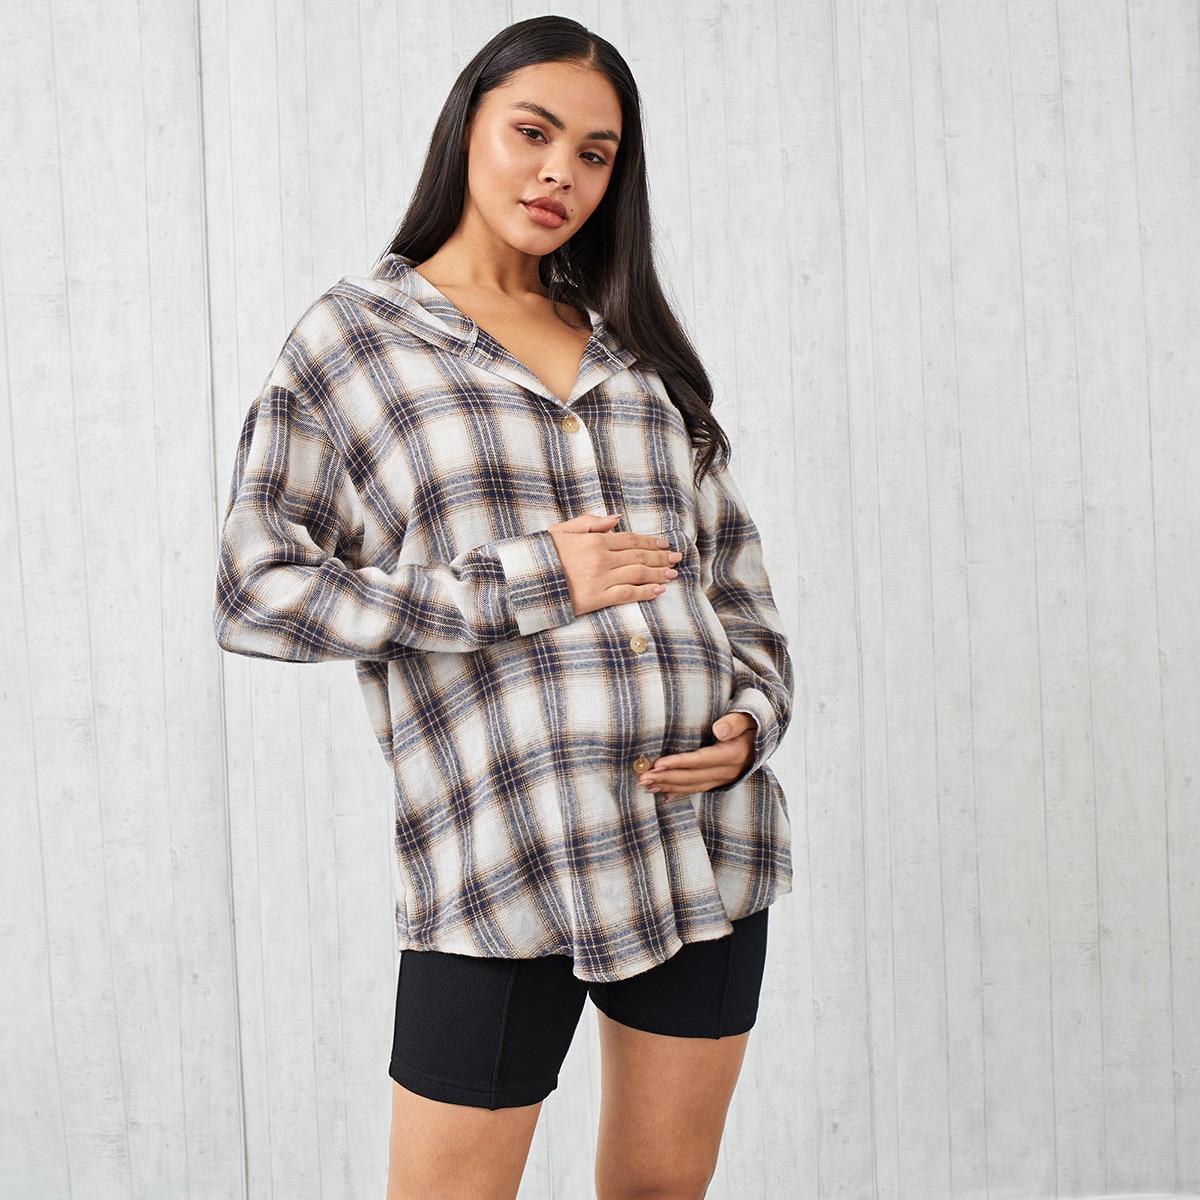 Карман в клетку повседневный блузы для беременных